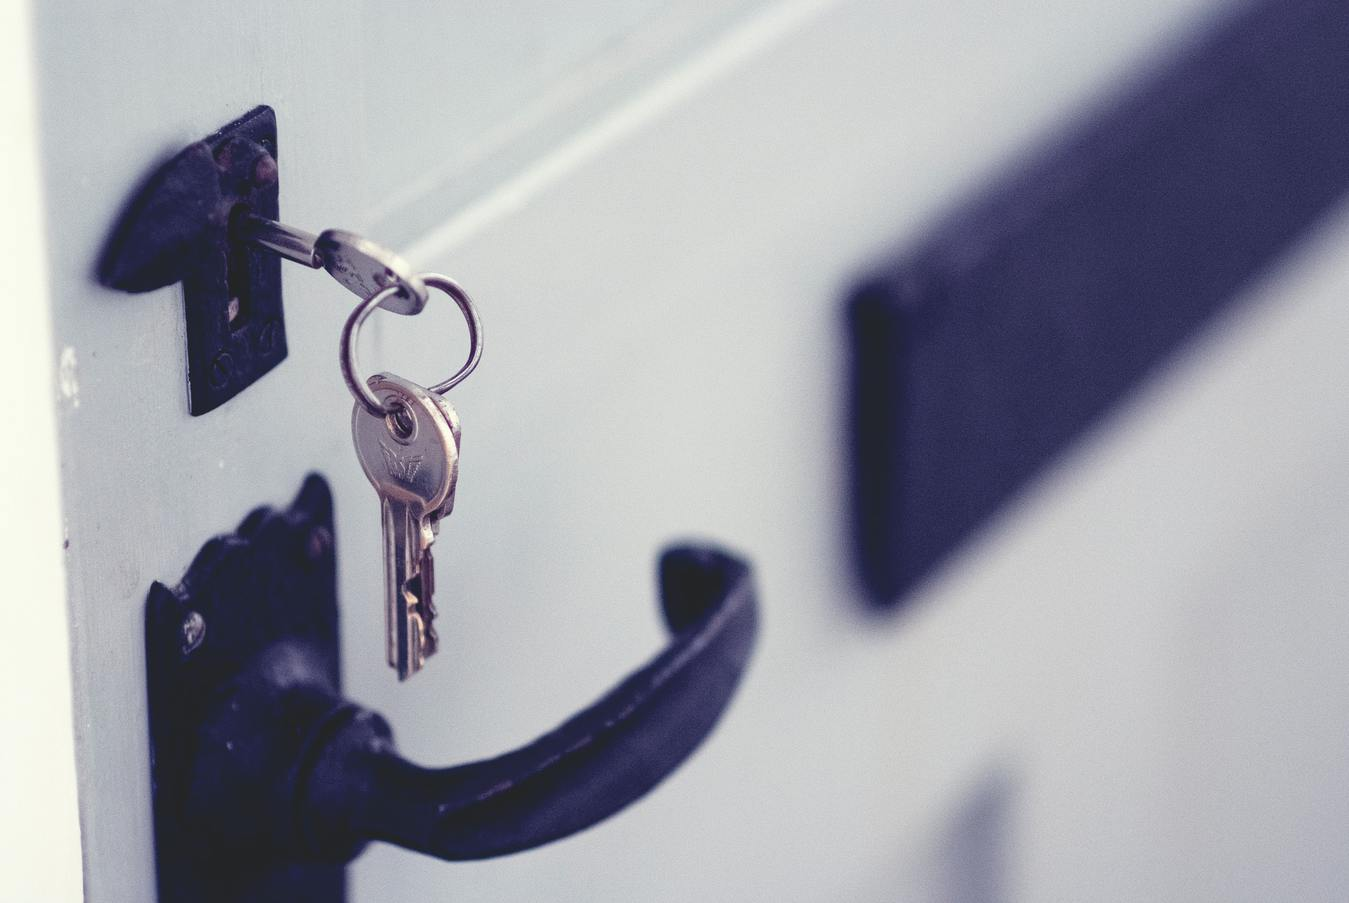 Llaves colgando de la cerradura de una puerta